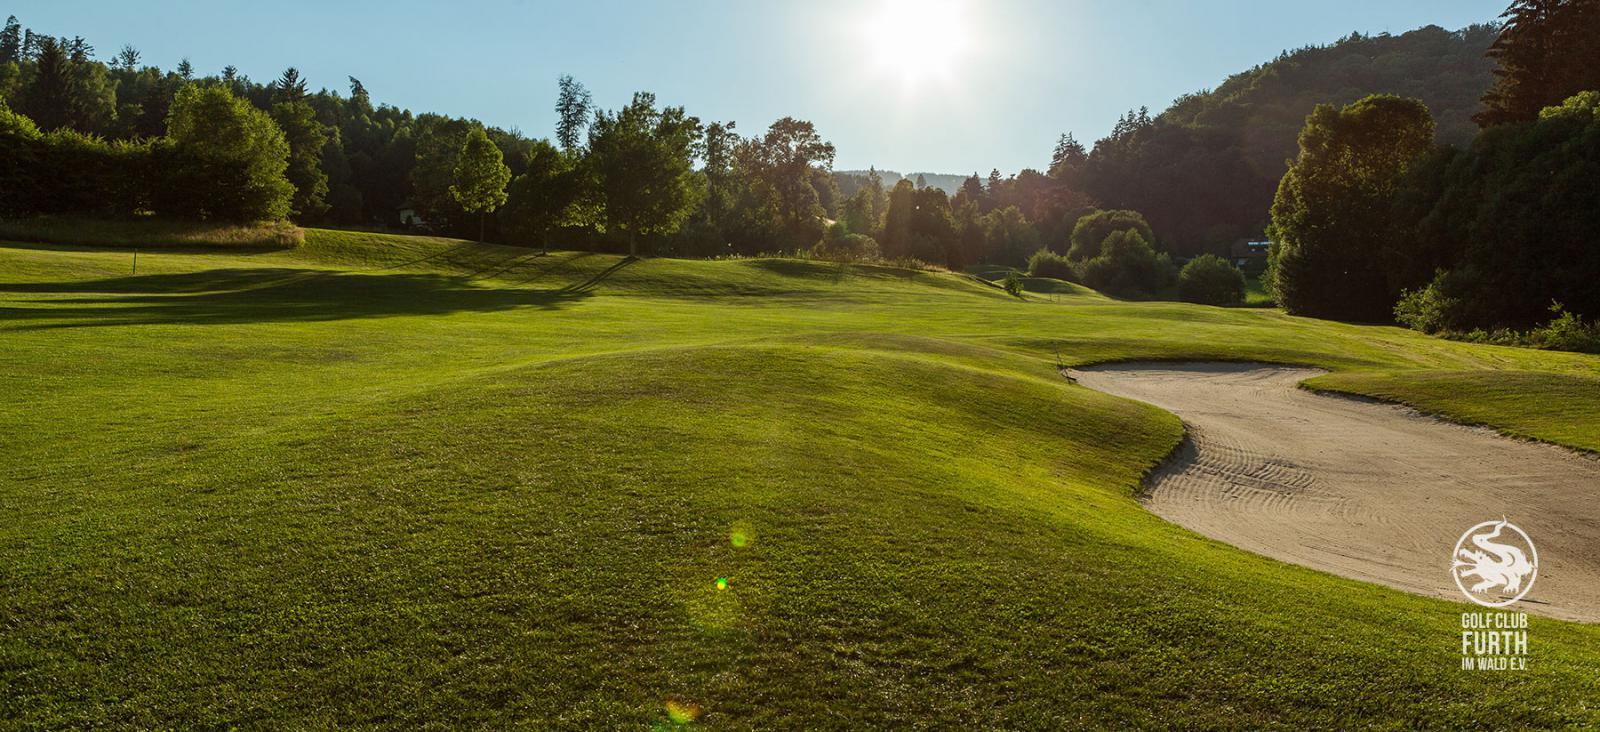 Golf-Club Furth im Wald e.V. (Lam)